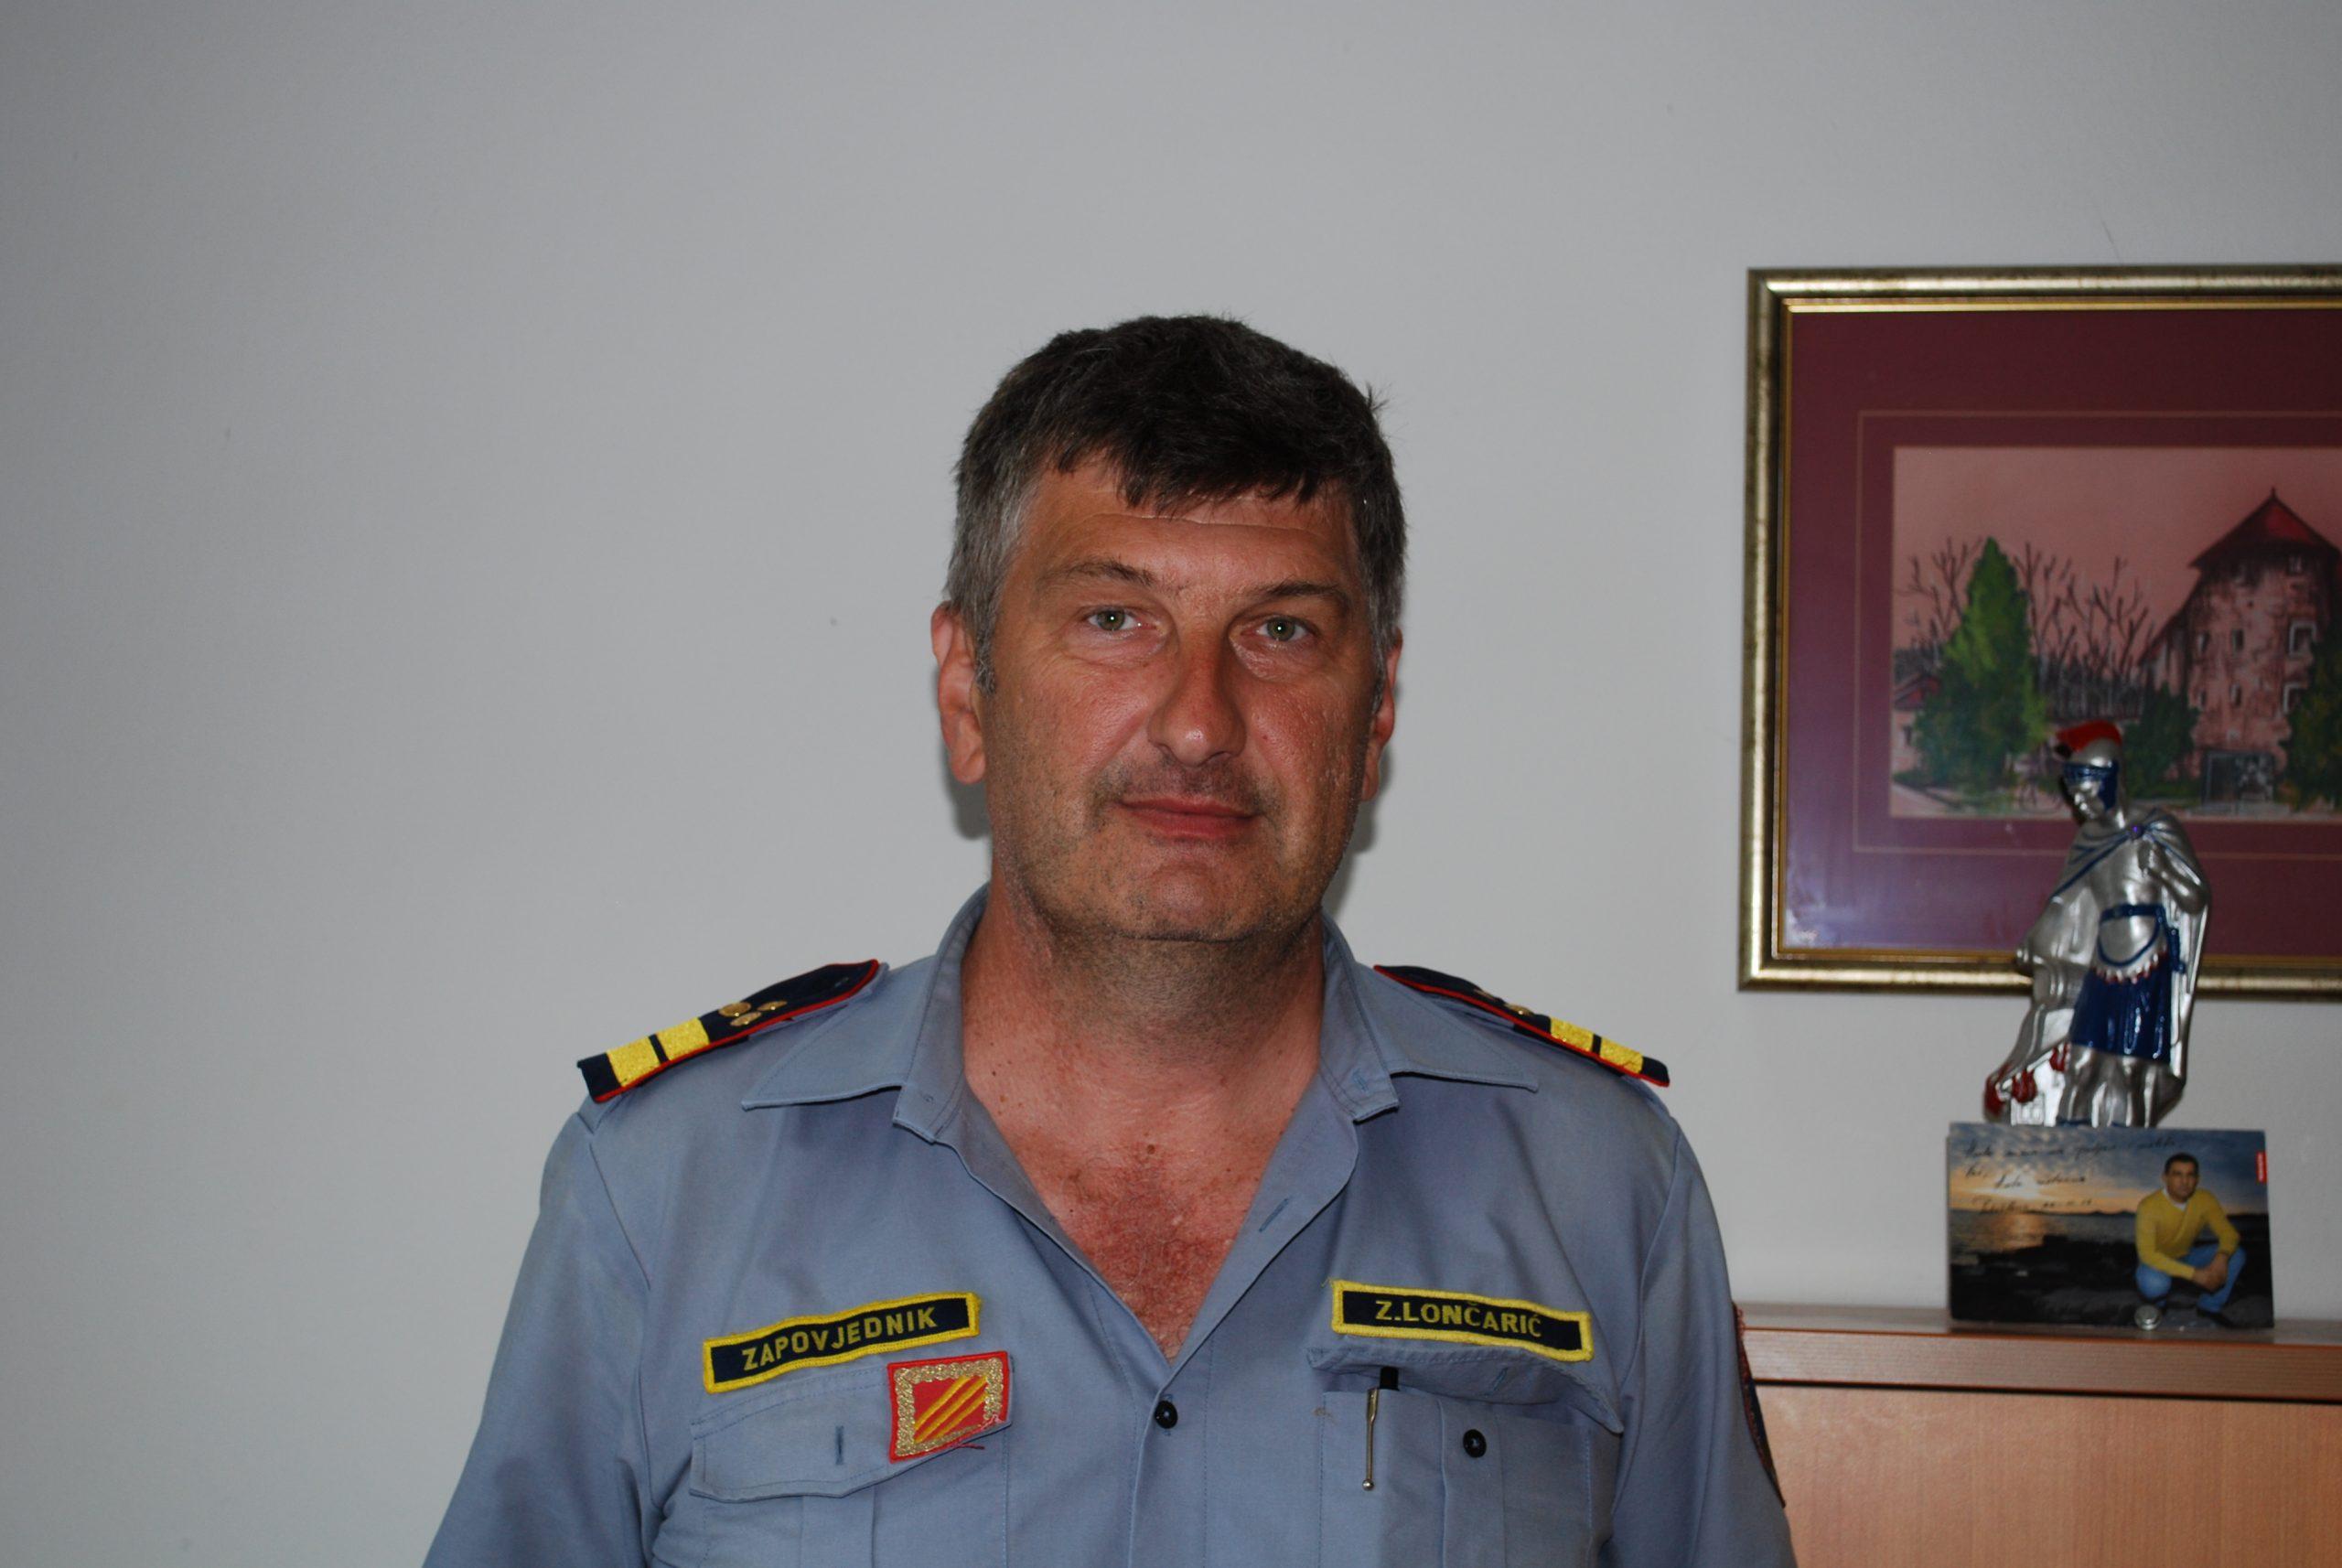 Na dimnjacima sve manje požara – Zvonimir Lončarić